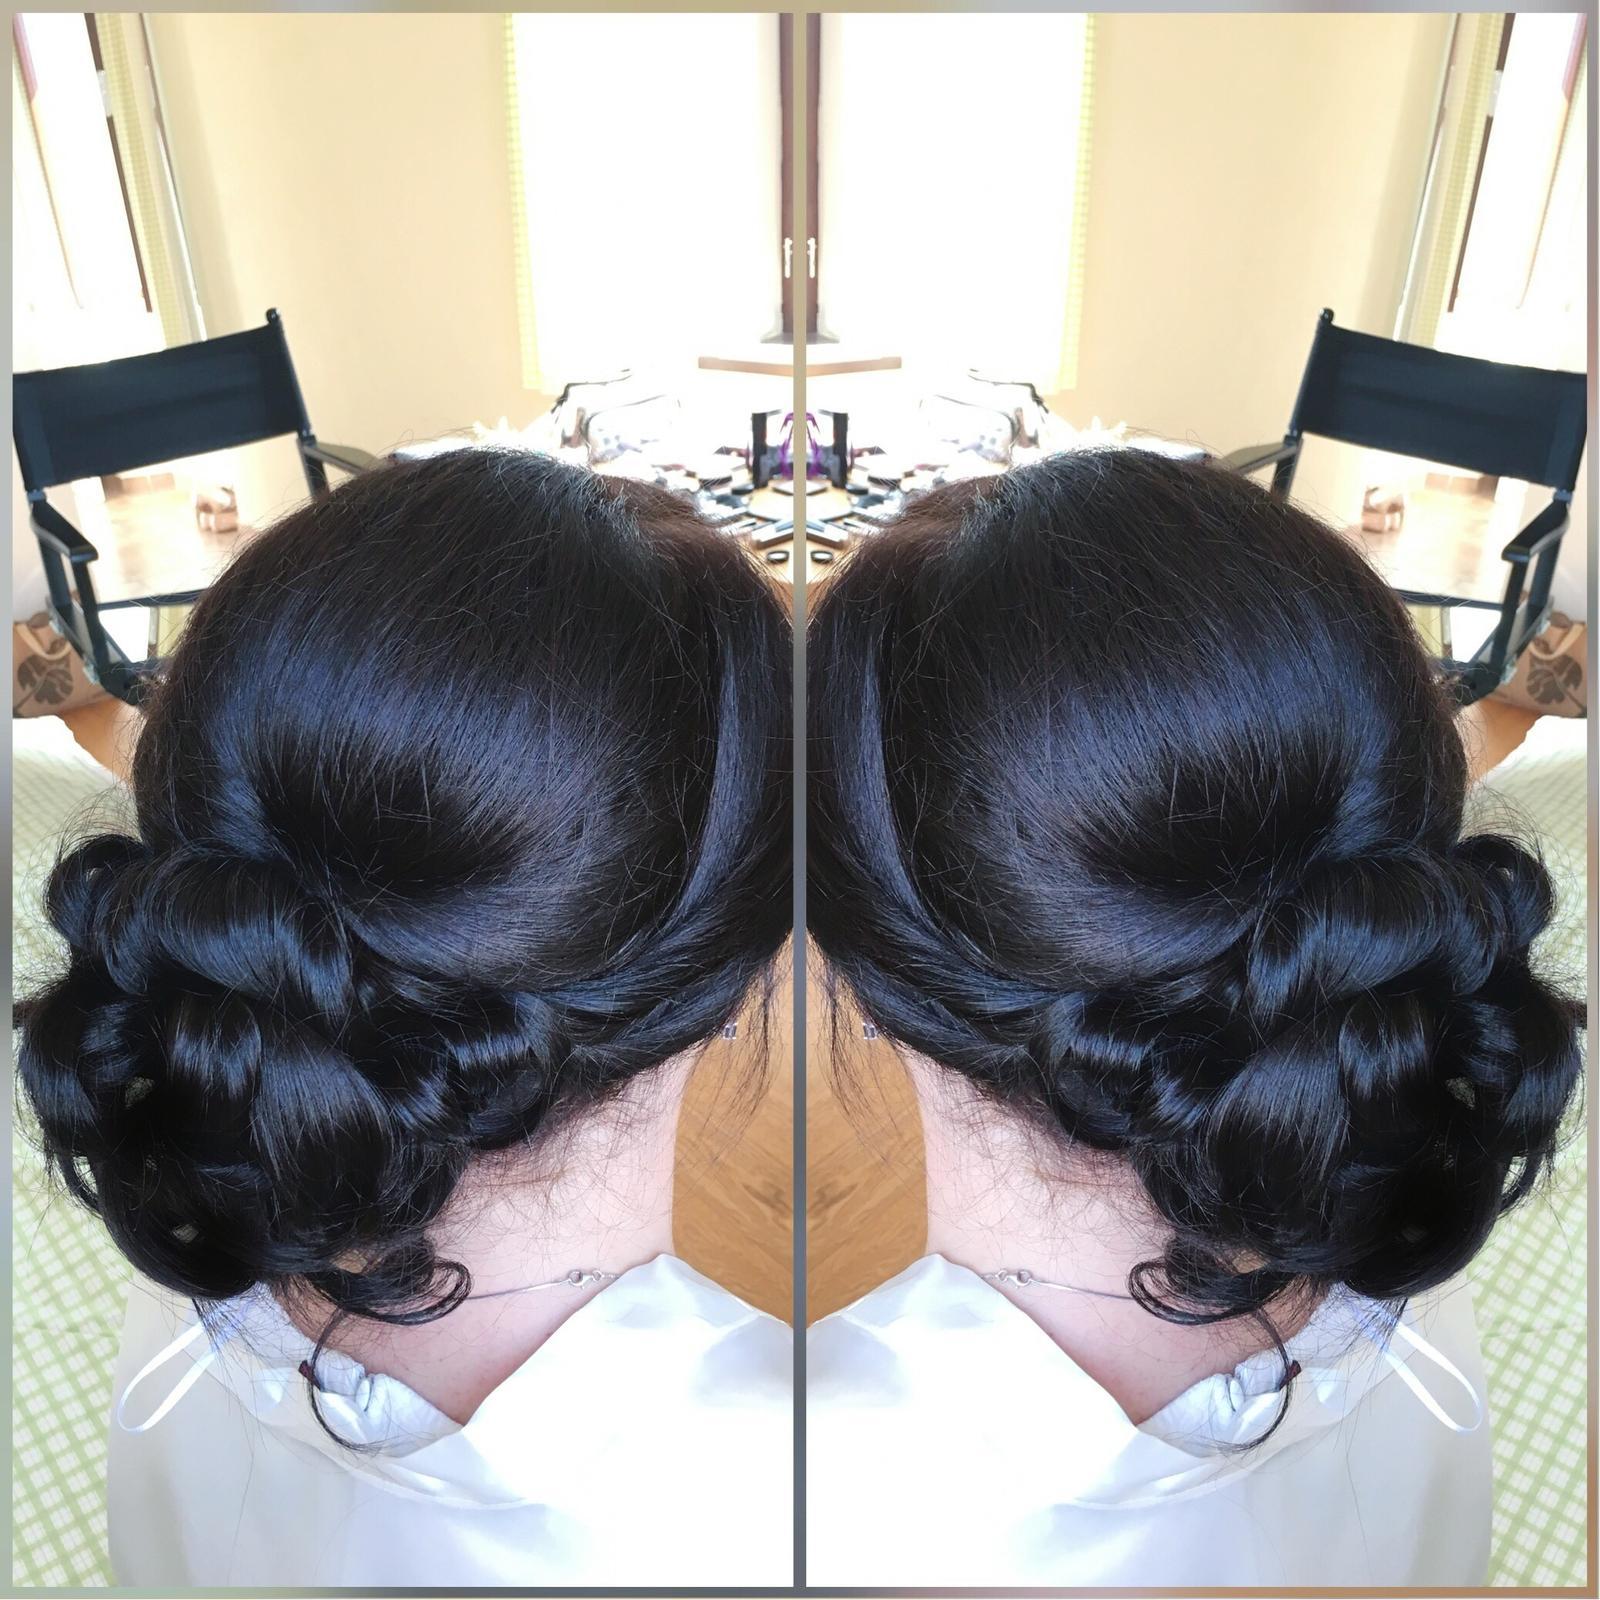 Wedding hairstyle 2019 💄 - Obrázek č. 7